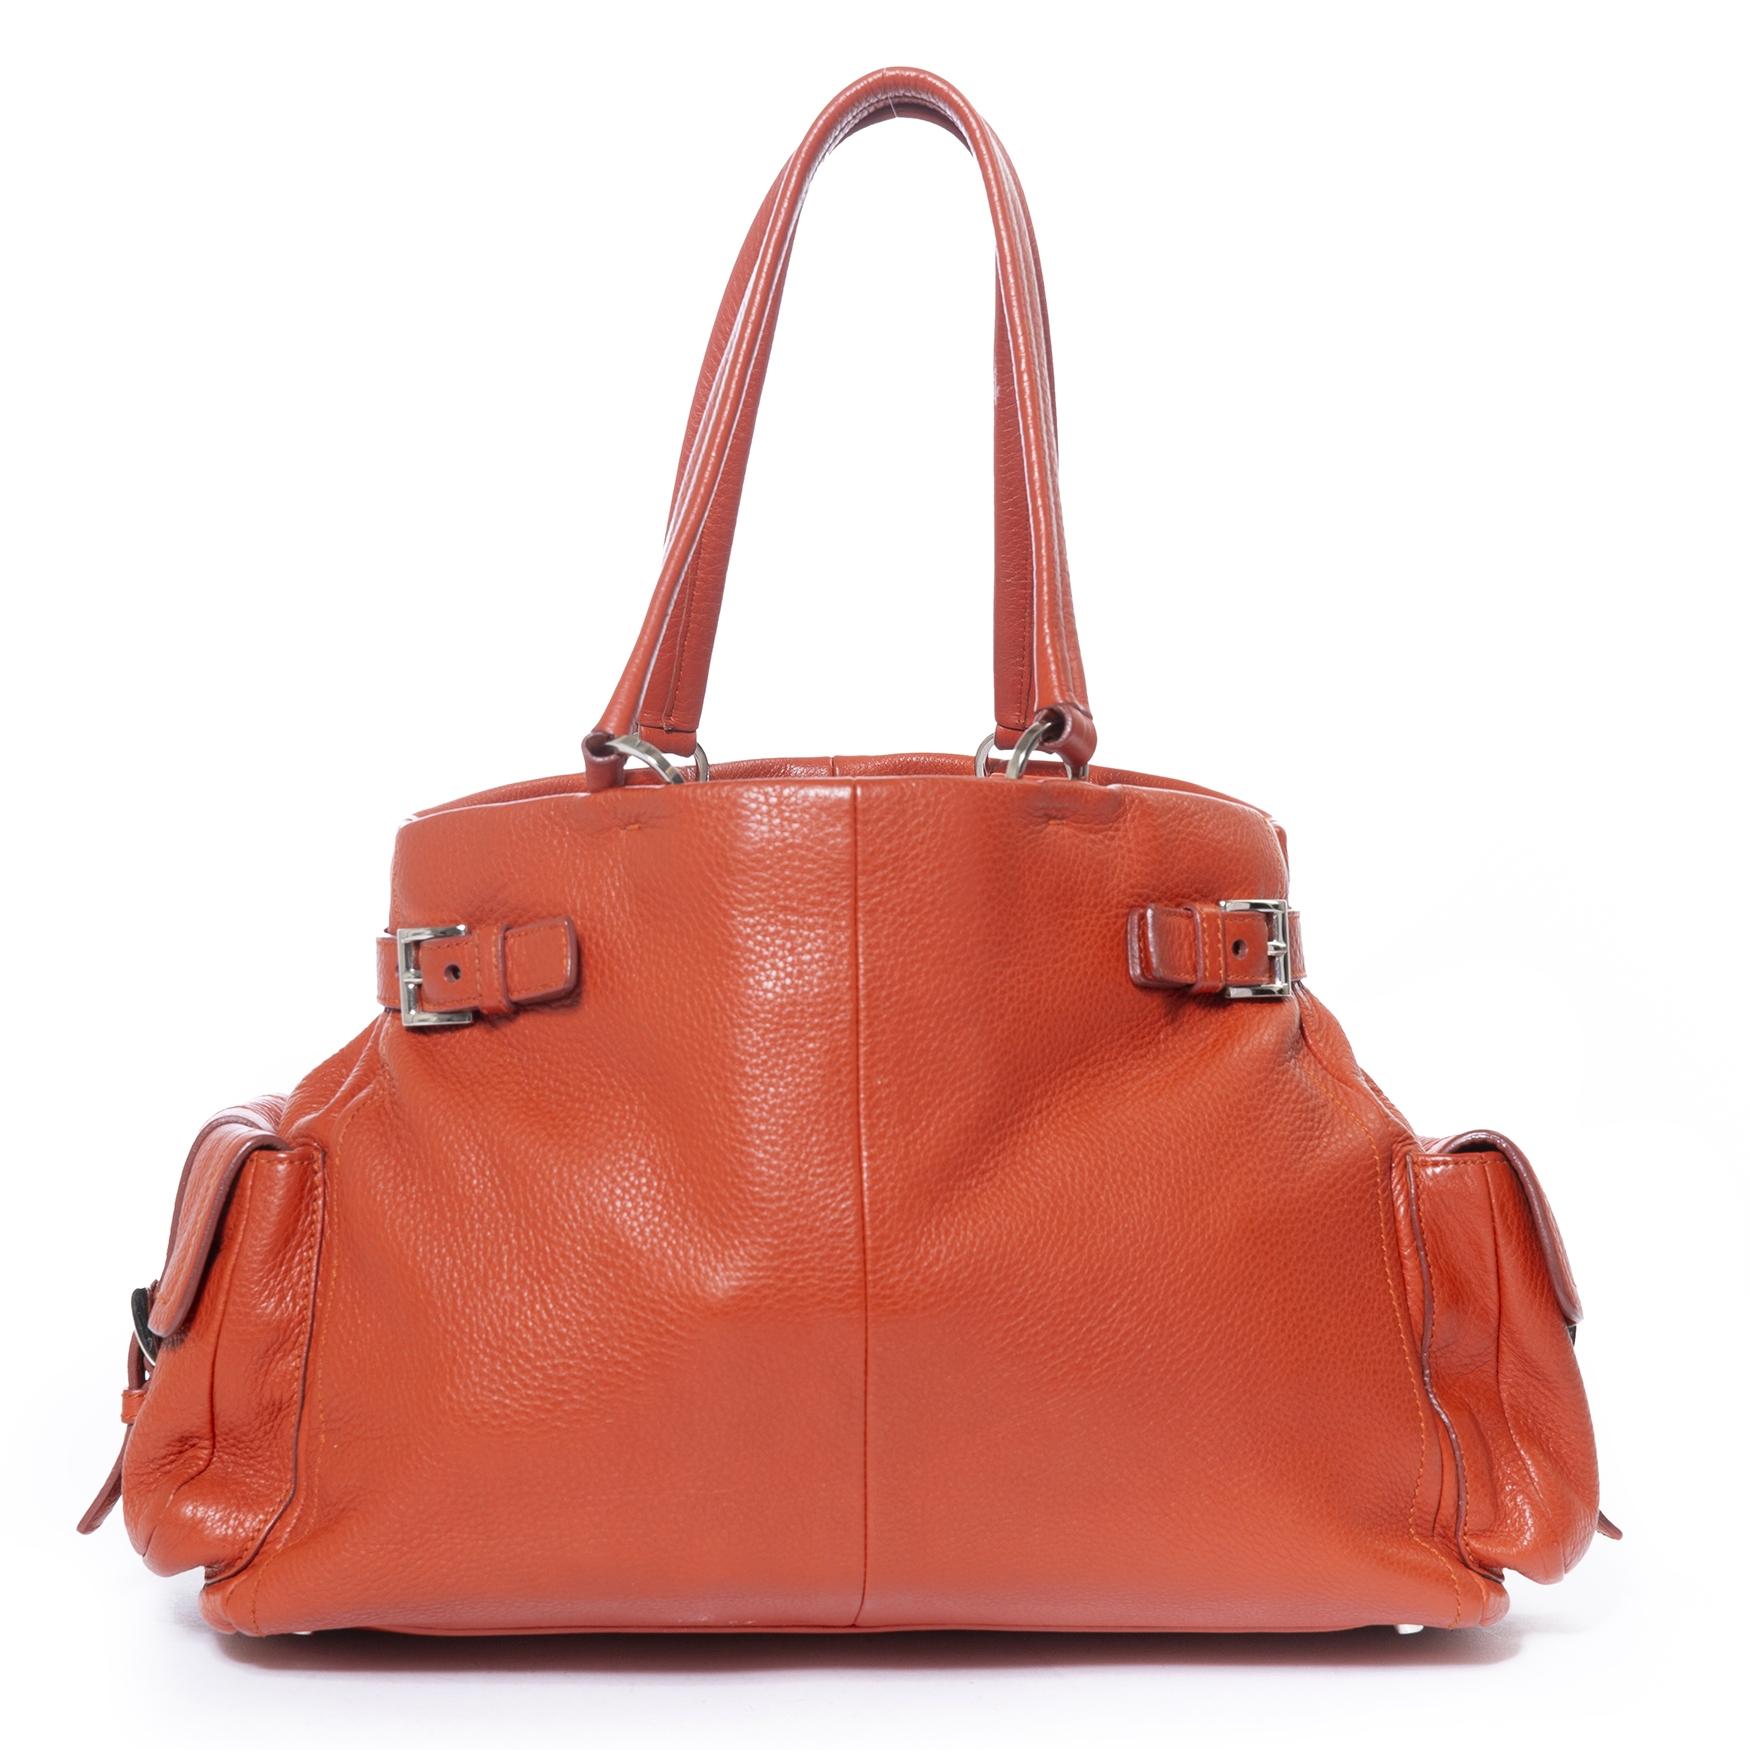 achetez Prada Orange Tote Bag  chez labellov pour le meilleur prix